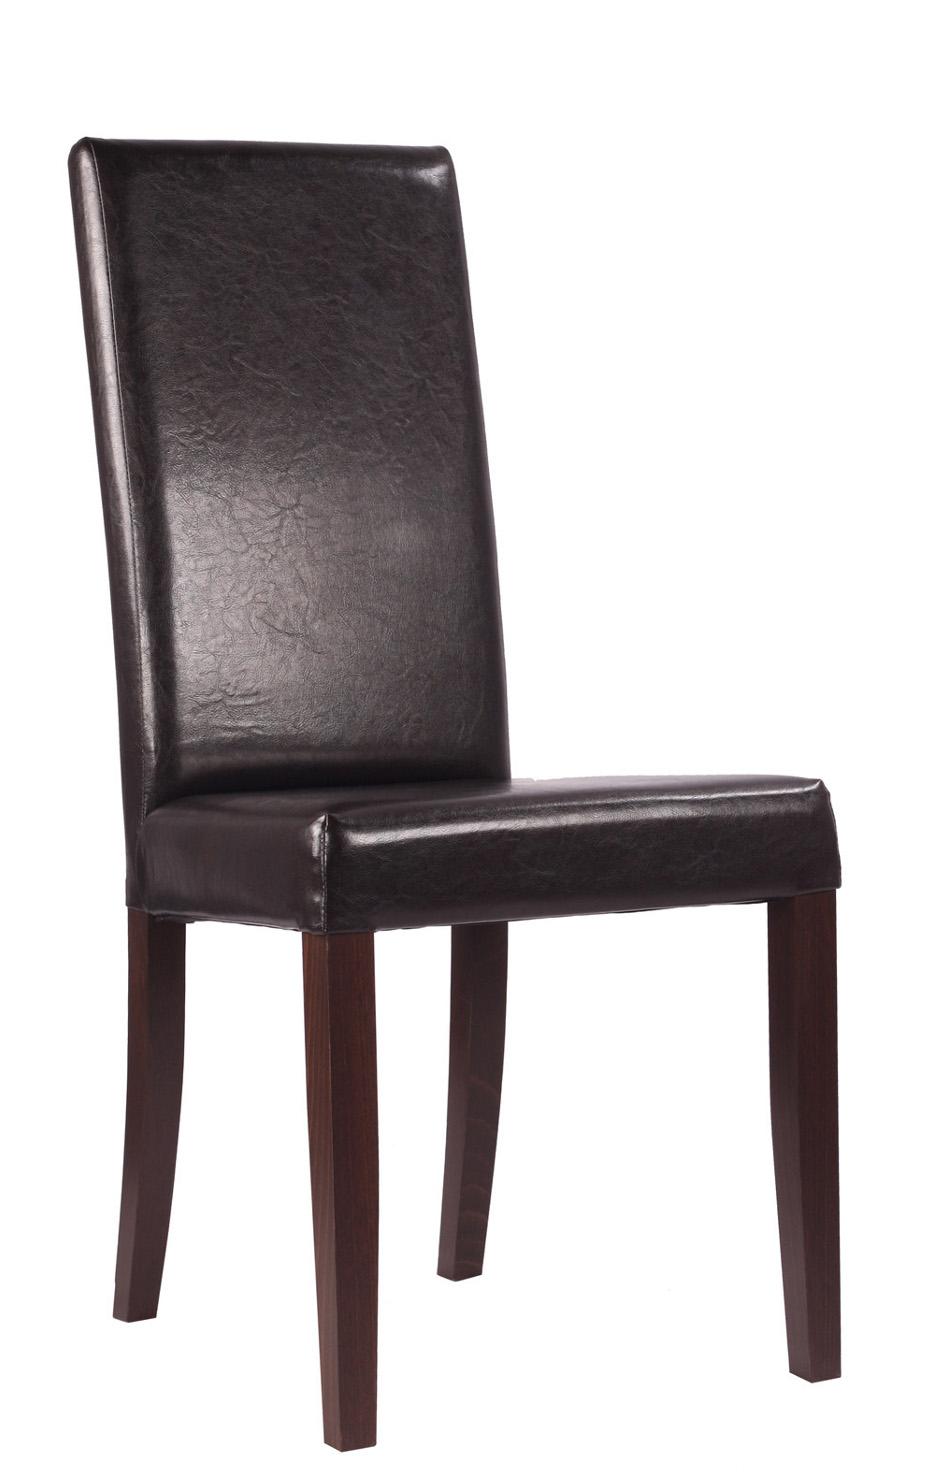 polsterstuhl rela dunkelbraun oder schwarz polsterst hle holzst hle sessel st hle. Black Bedroom Furniture Sets. Home Design Ideas